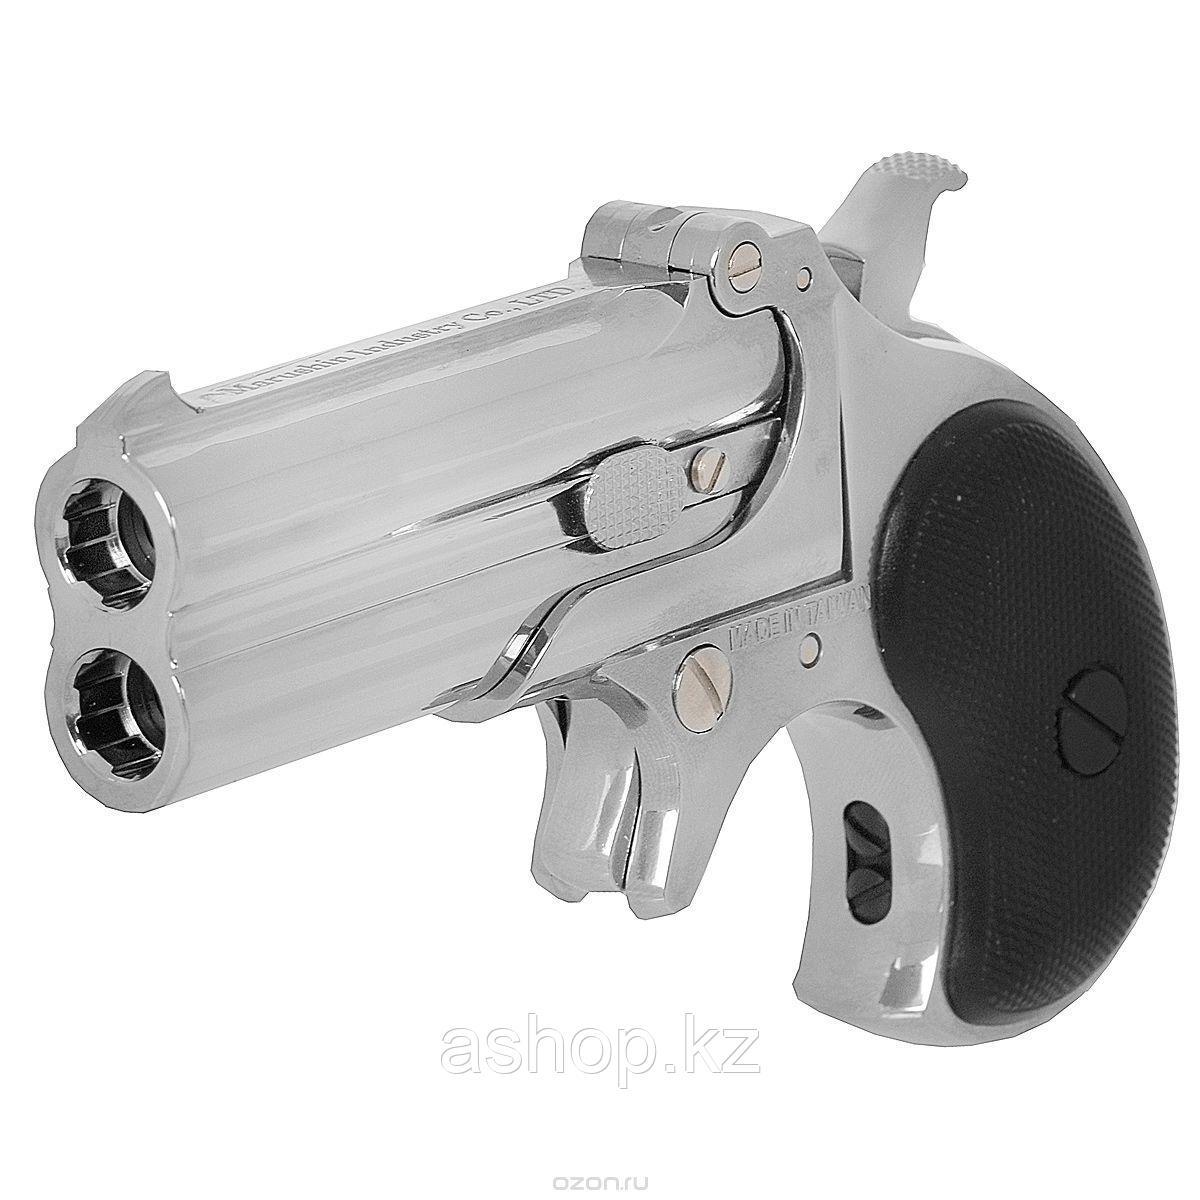 Пистолет для страйкбола ASG Derringer, Калибр: 6,0 мм, Дульная энергия: 0,6 Дж, Ёмкость магазина (барабана): 2